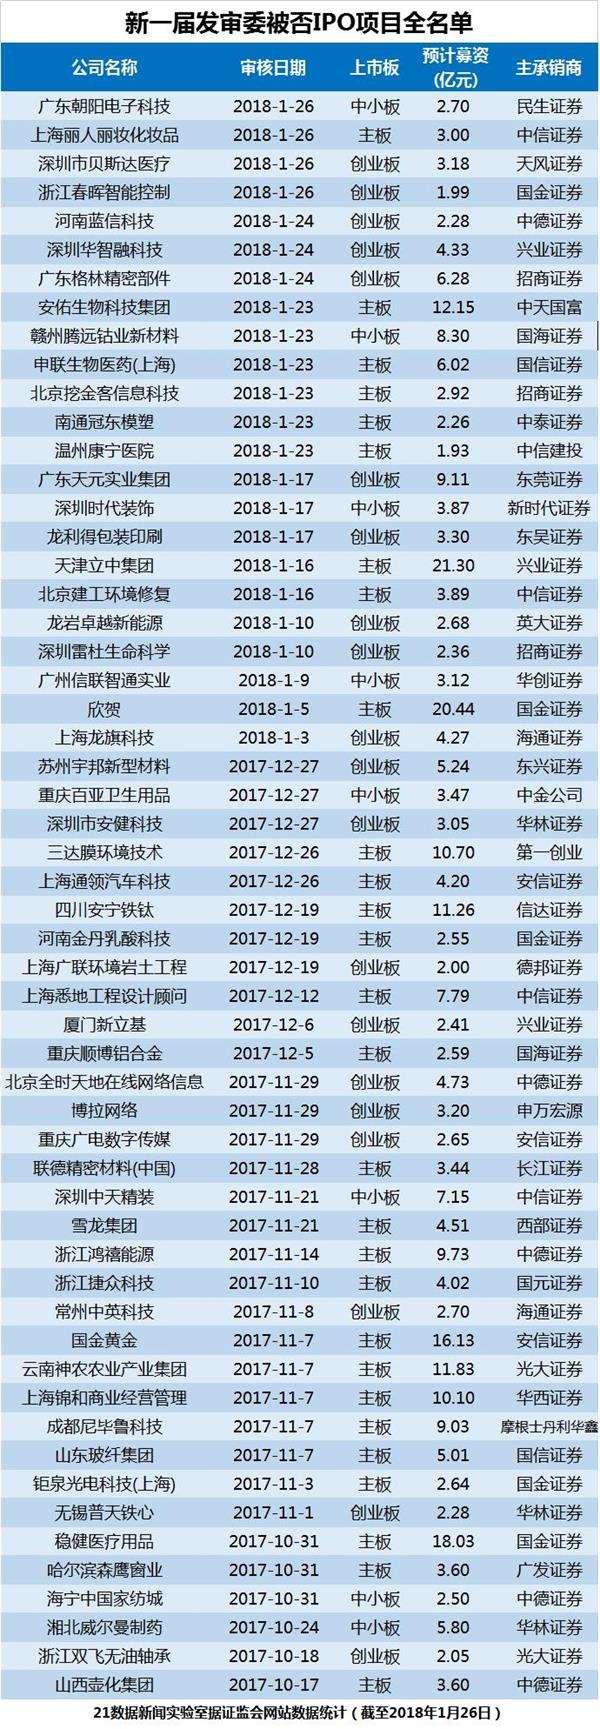 """16.7%!本周IPO通过率创新发审委最低记录 这些券商要""""哭""""了"""